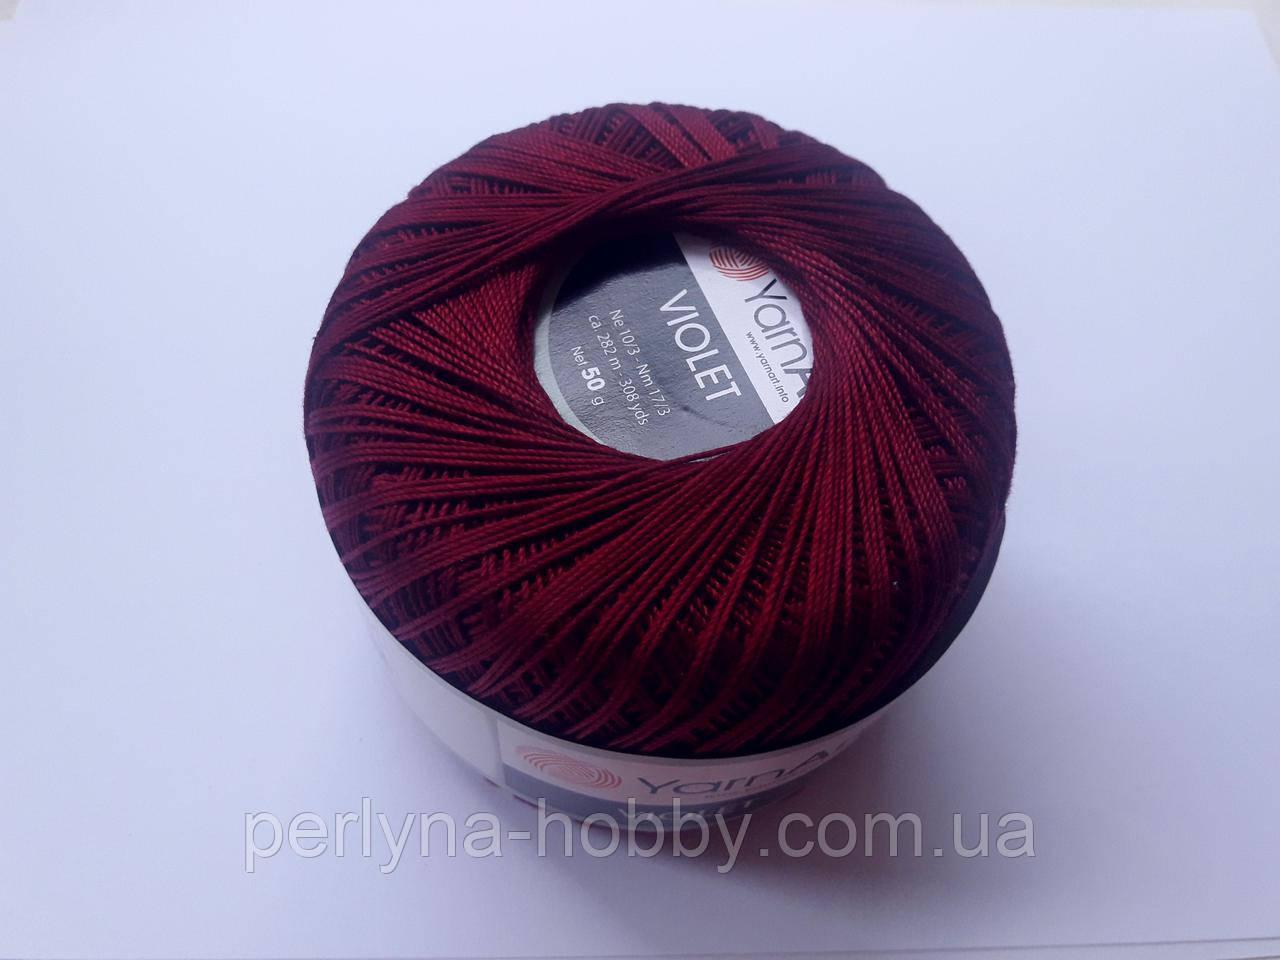 Пряжа  нитка для в'язання Violet YarnArt 100% бавовна бордовий №112